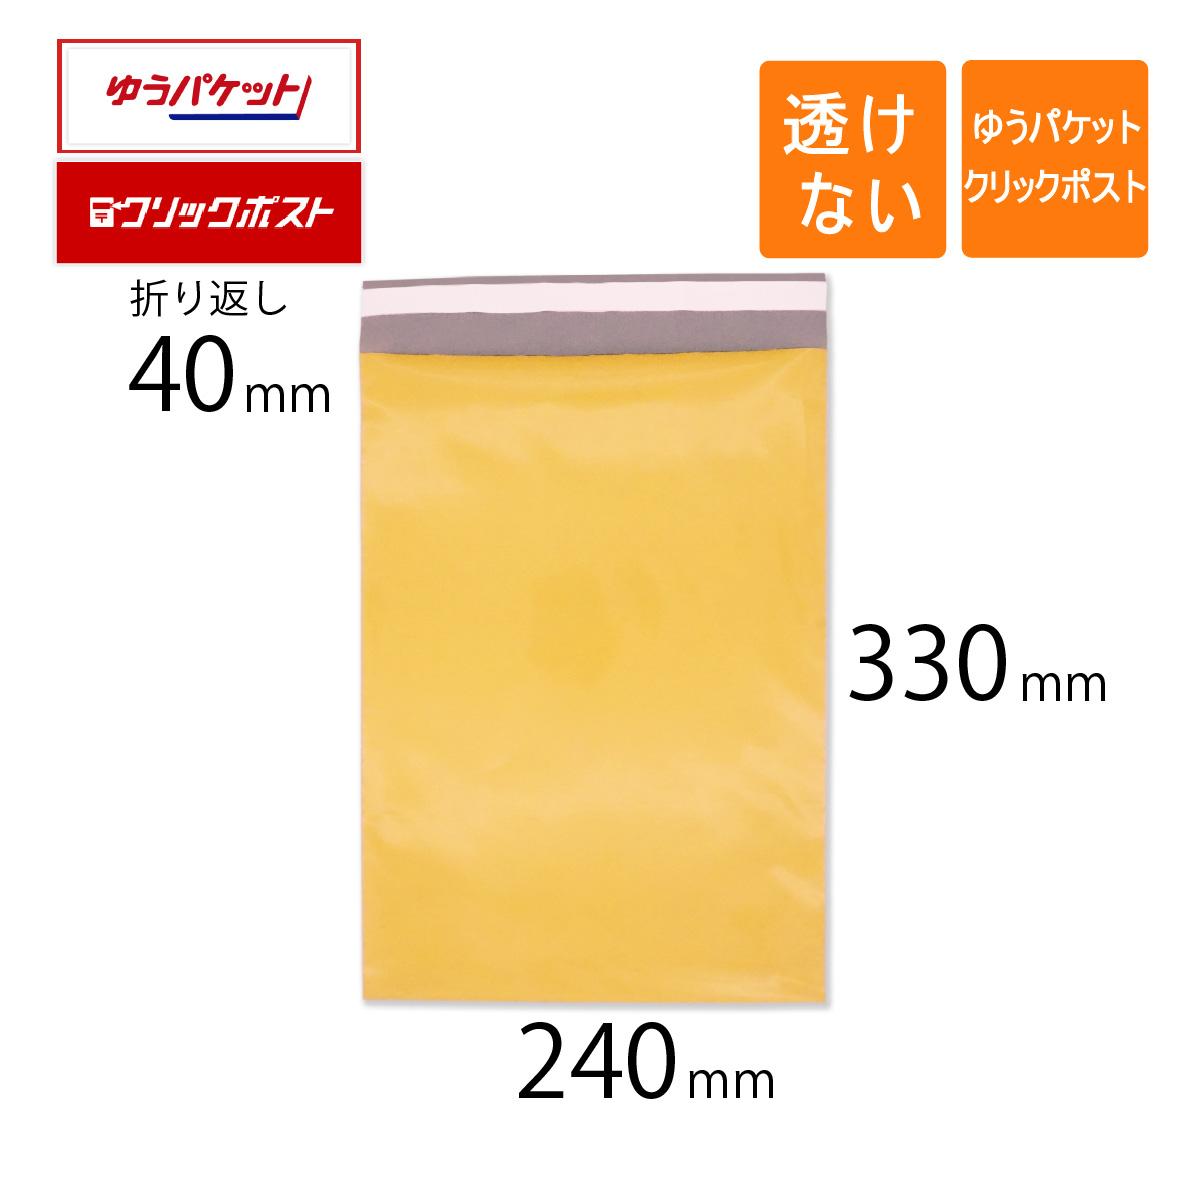 宅配ビニール袋 黄色 240×330mm